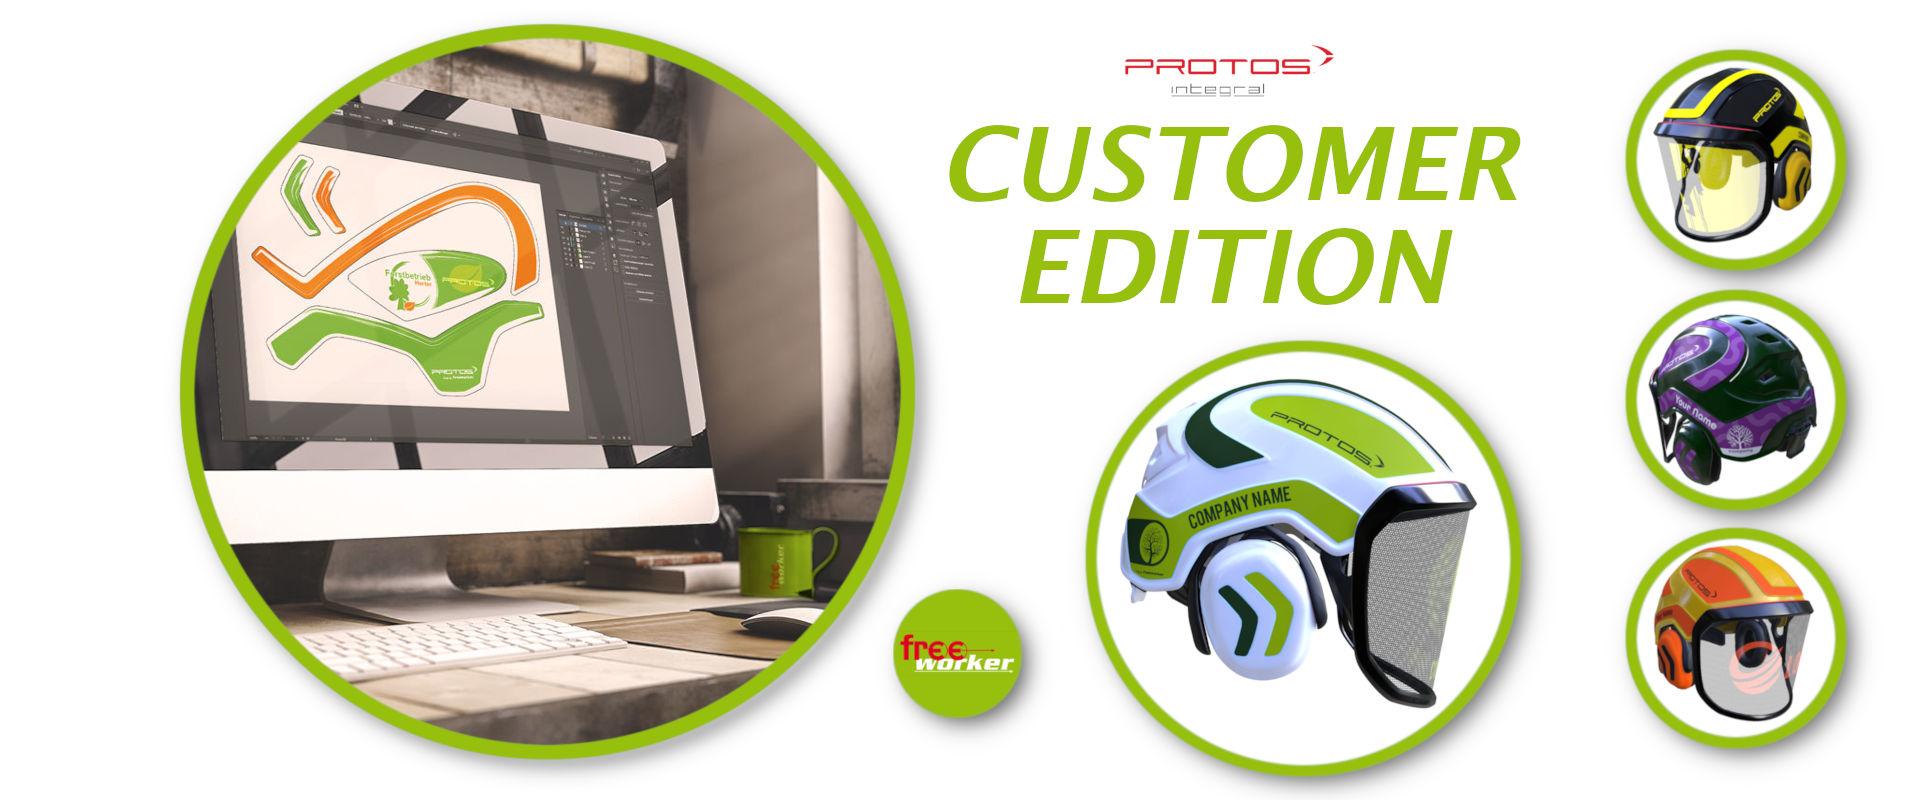 Permalink to: Protos® Integral Customer Edition – Faites ce que vous voulez !